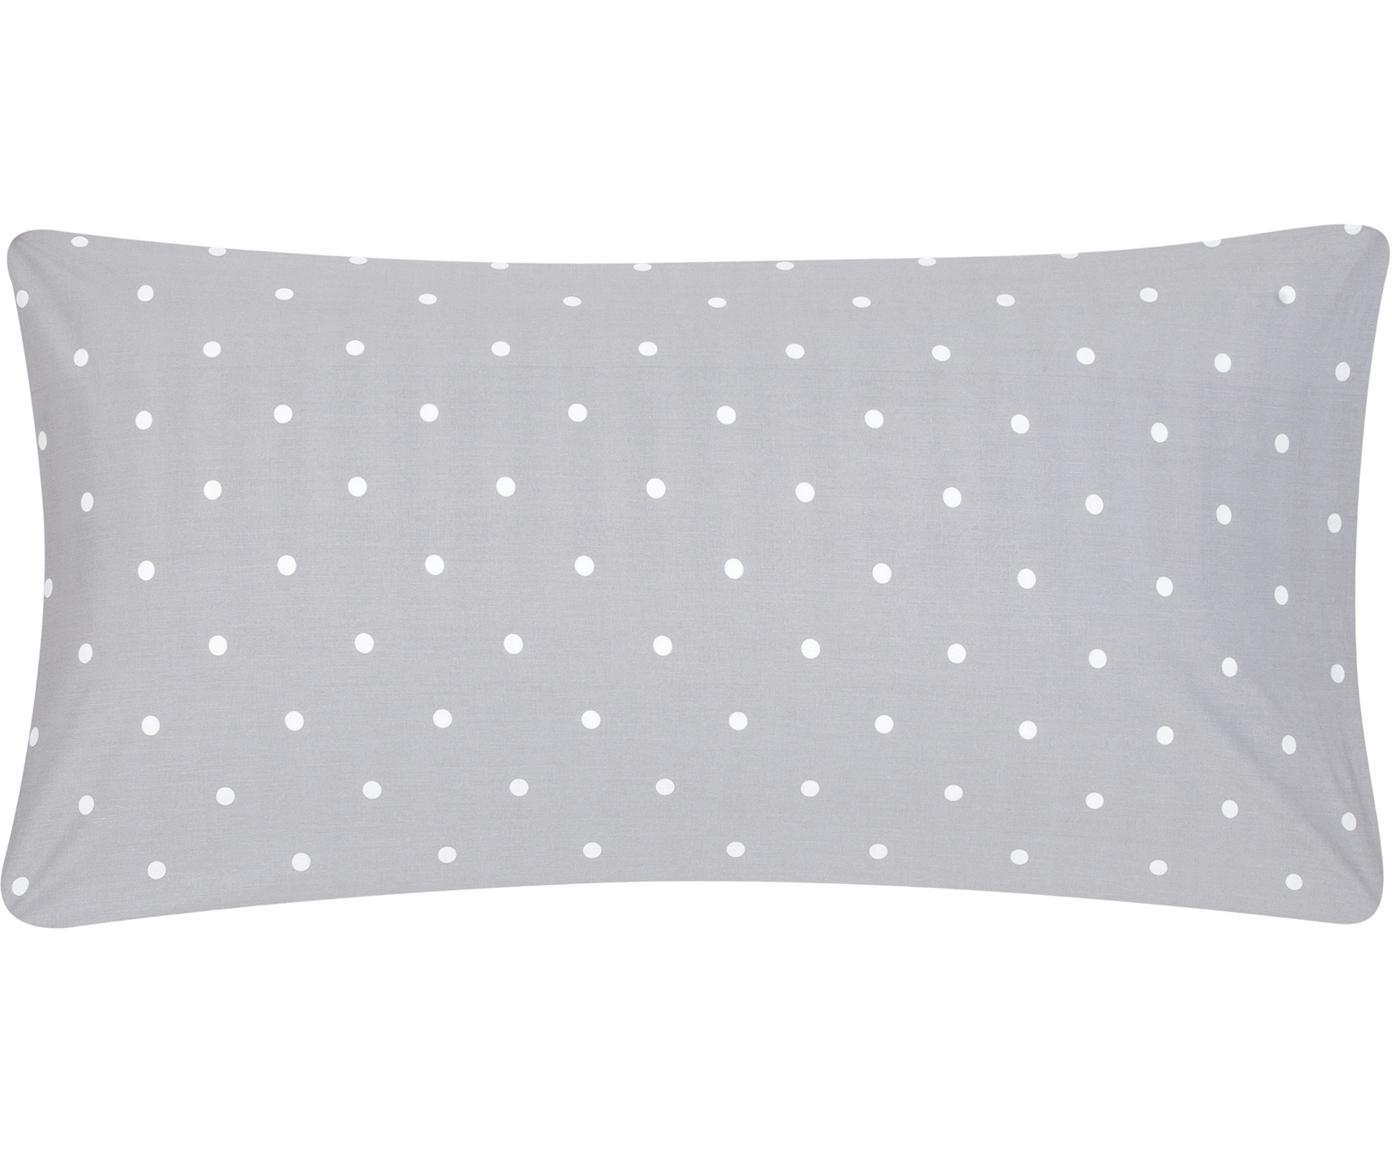 Gepunktete Baumwoll-Kissenbezüge Dotty in Grau/Weiß, 2 Stück, Webart: Renforcé Fadendichte 144 , Grau, Weiß, 40 x 80 cm